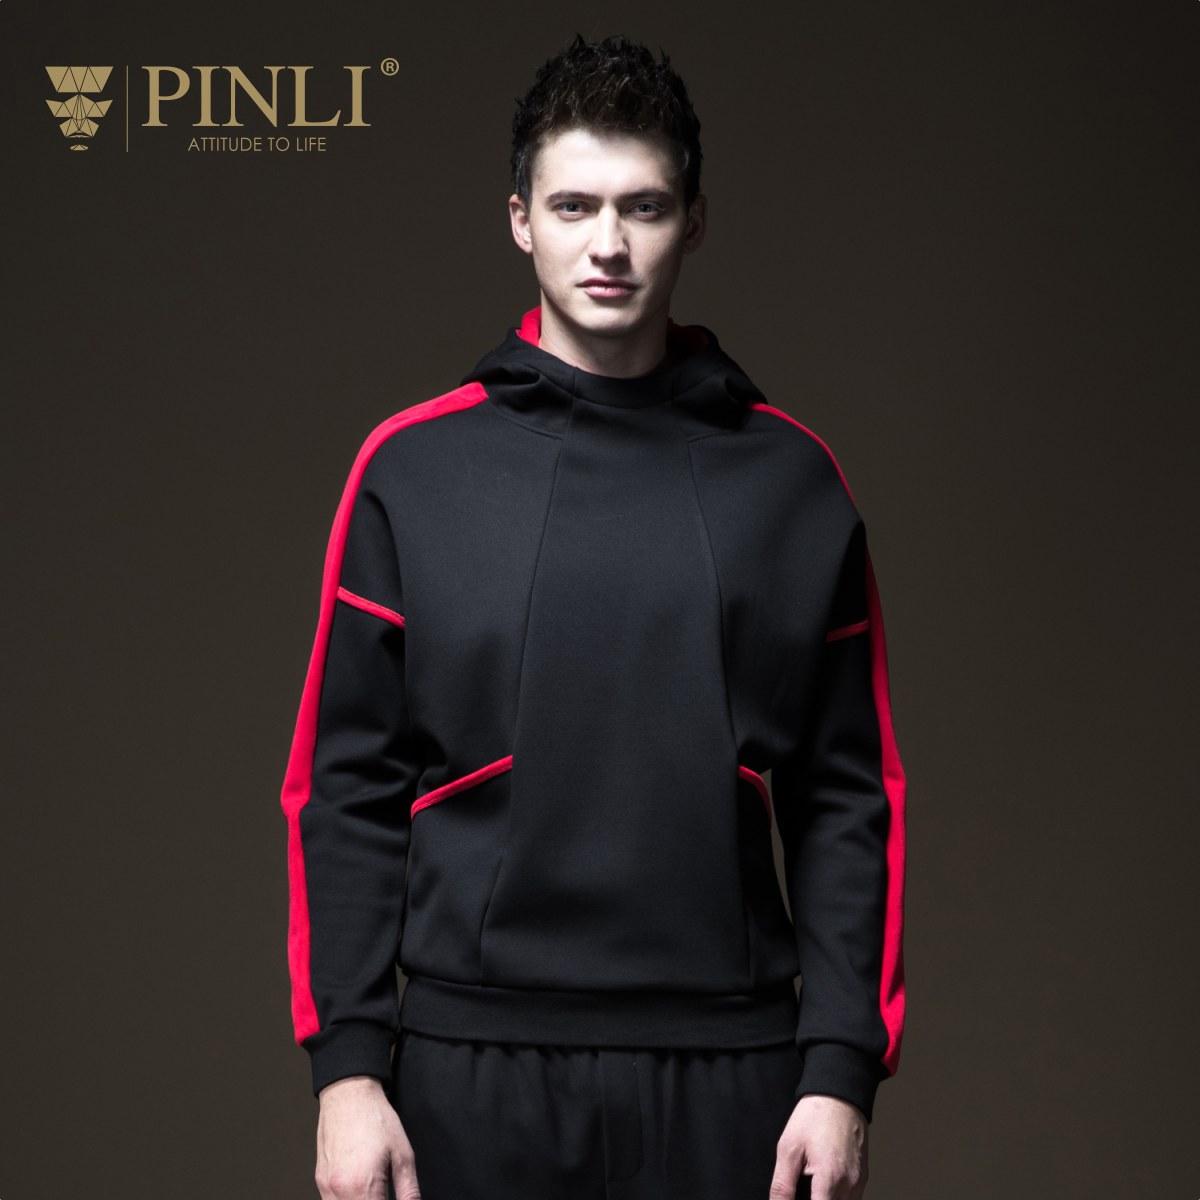 2019 Moletom Moleton Masculino vingt et un pilotes Pinli produit fait la nouvelle veste de jeunesse des hommes d'hiver frappant scène B184109516